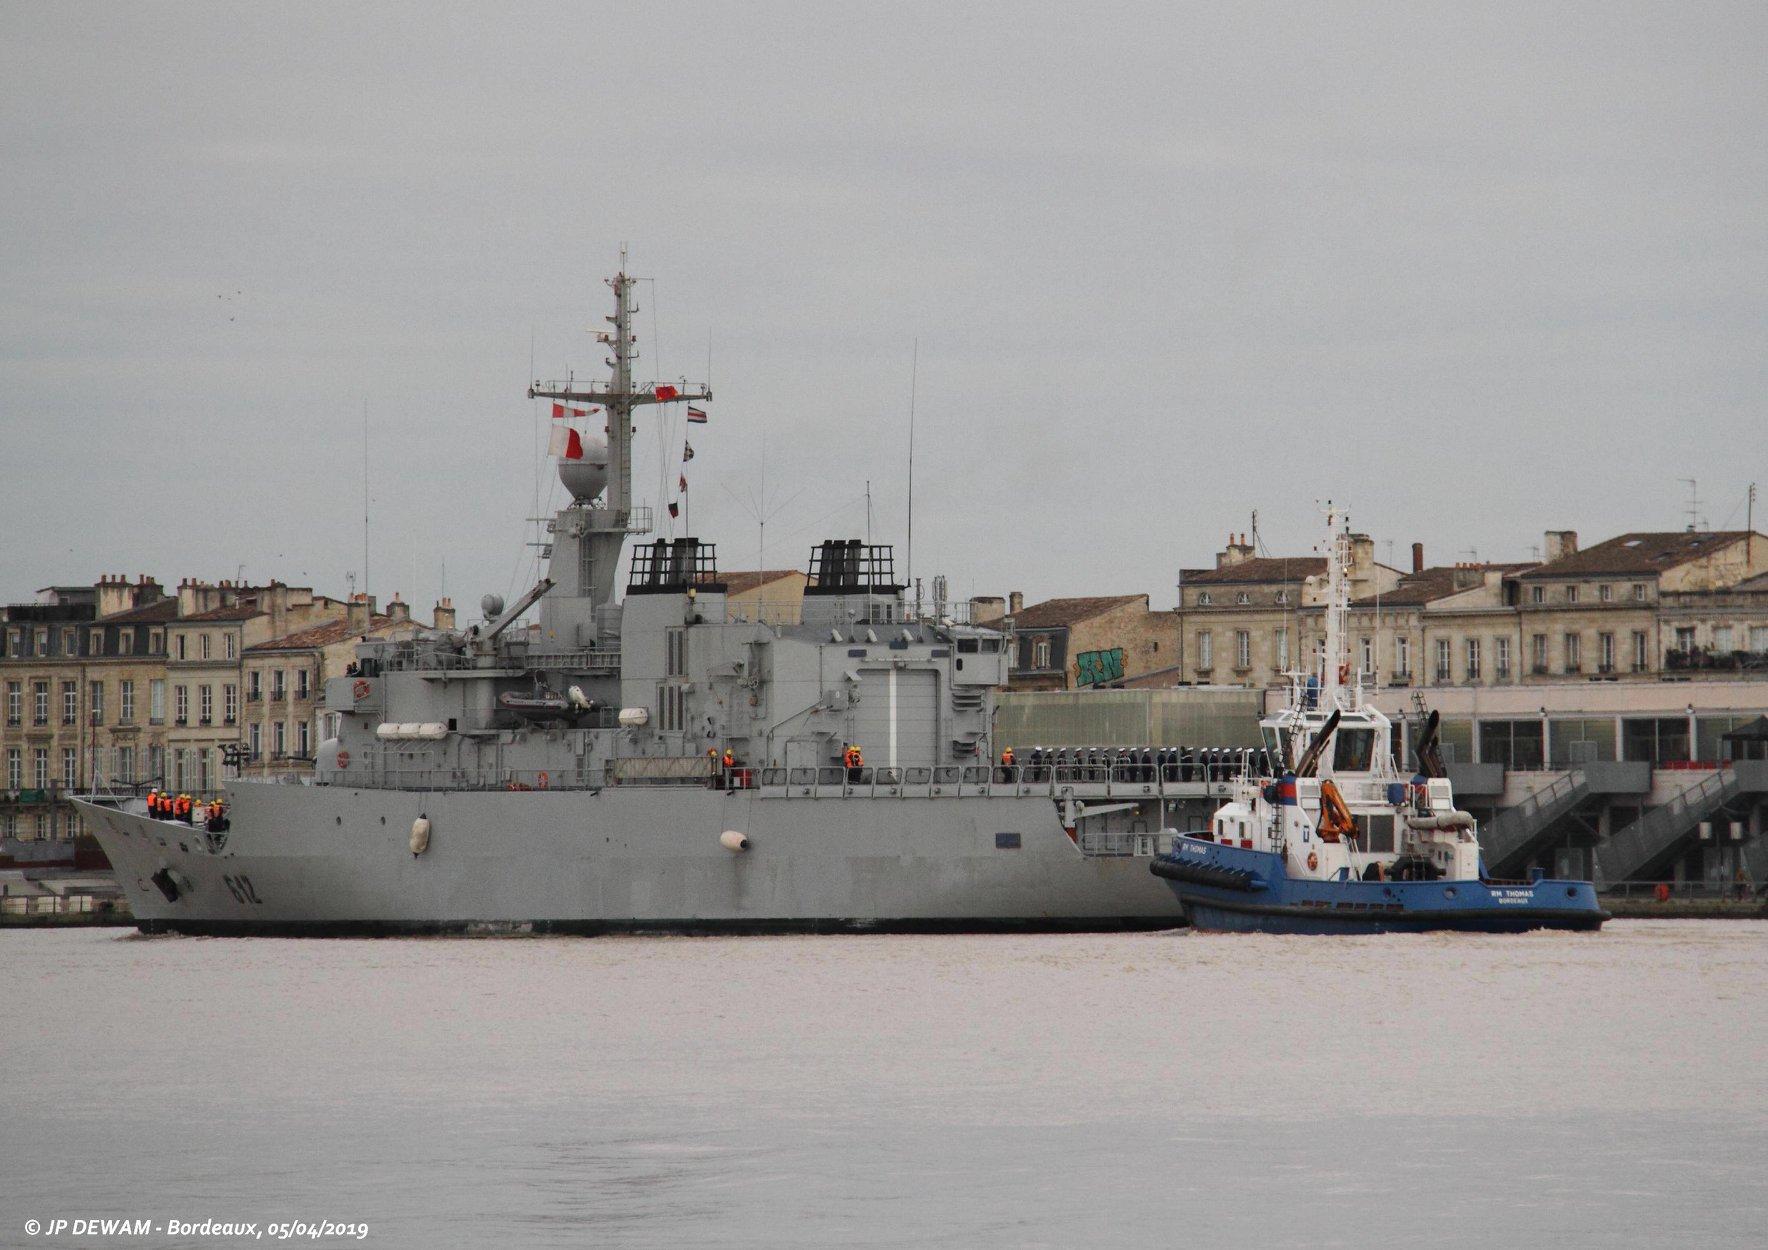 Royal Moroccan Navy Floréal Frigates / Frégates Floréal Marocaines - Page 14 46635902565_840826f6e0_o